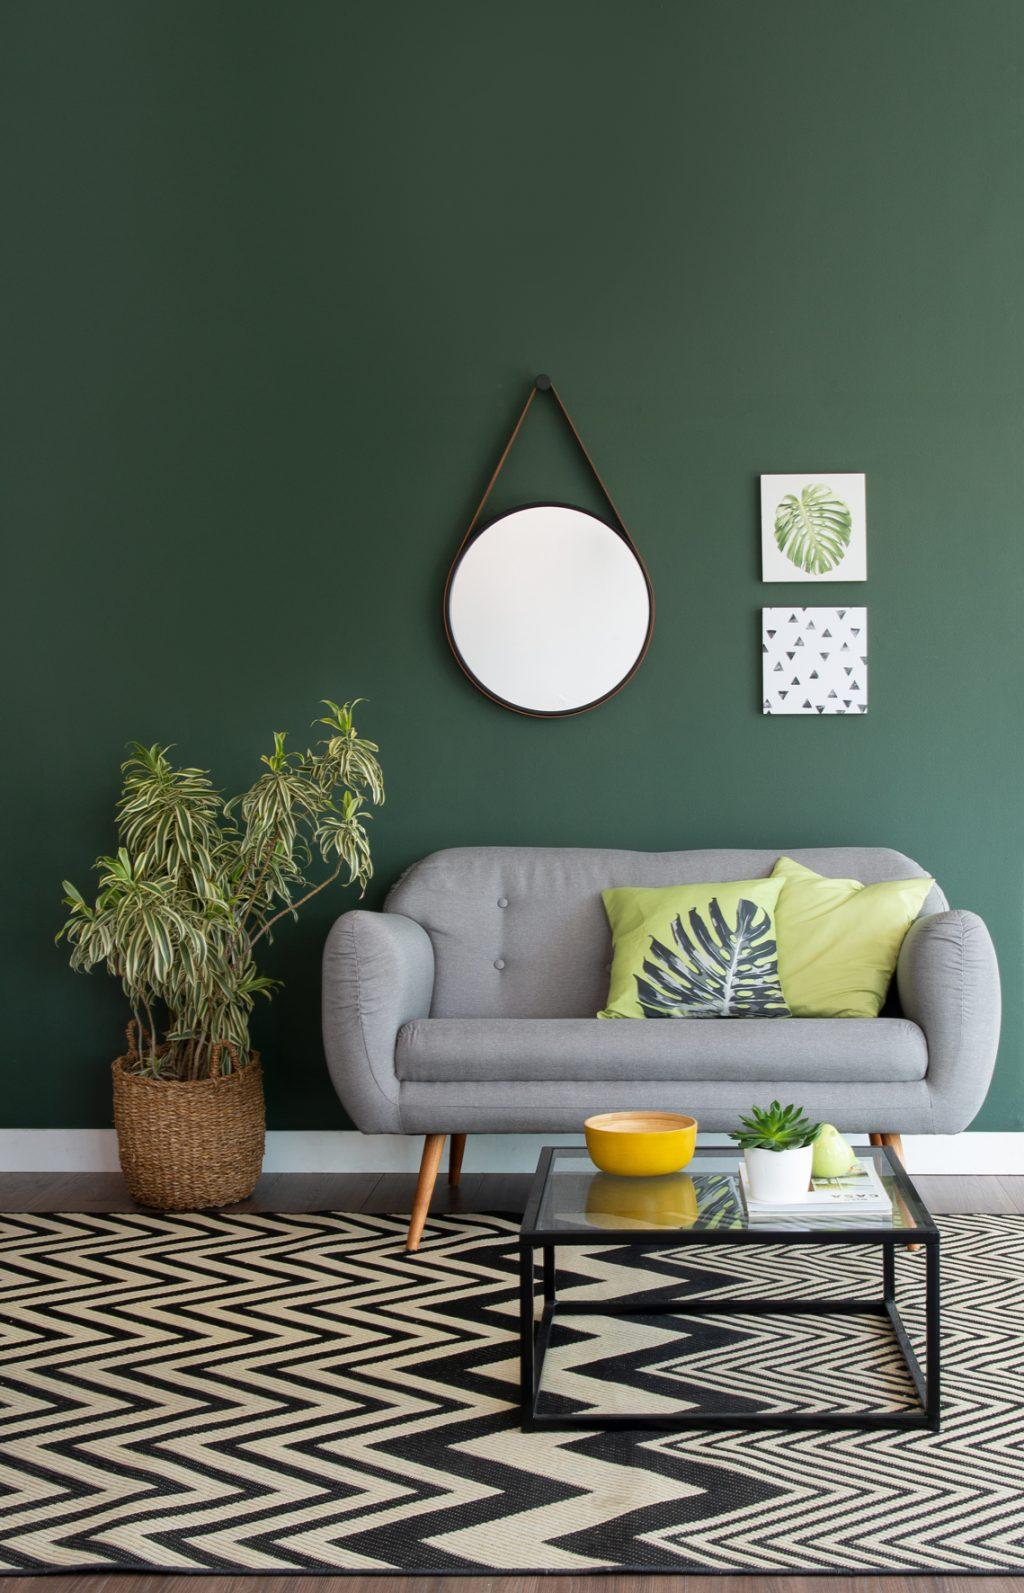 decoração tropicália na sala de estar com plantas